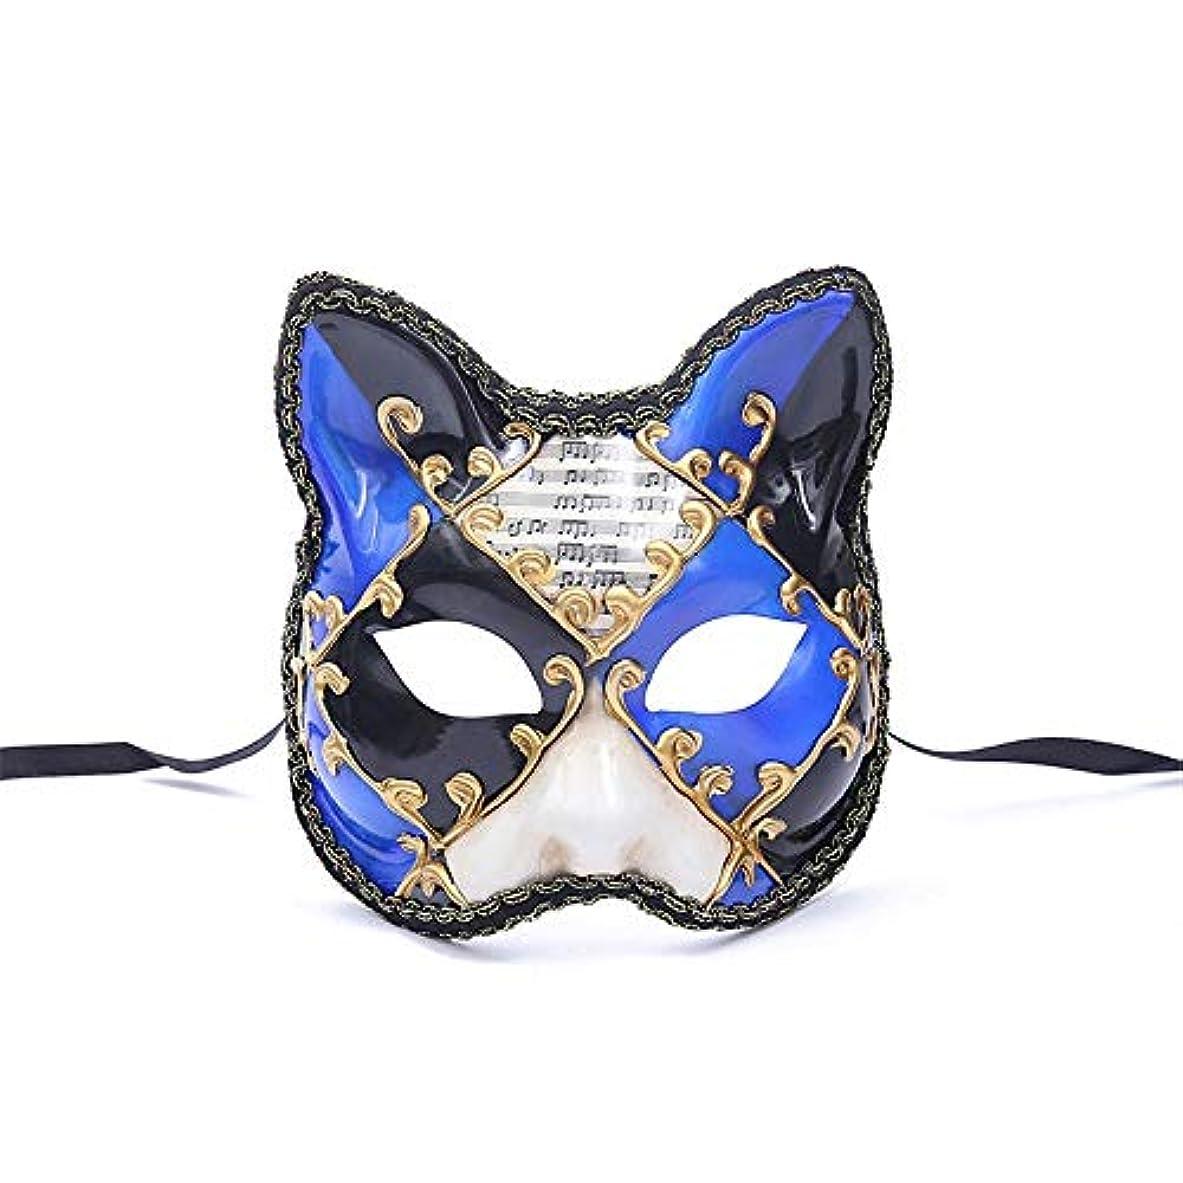 実験数学的な速いダンスマスク 大きな猫アンティーク動物レトロコスプレハロウィーン仮装マスクナイトクラブマスク雰囲気フェスティバルマスク ホリデーパーティー用品 (色 : 青, サイズ : 17.5x16cm)